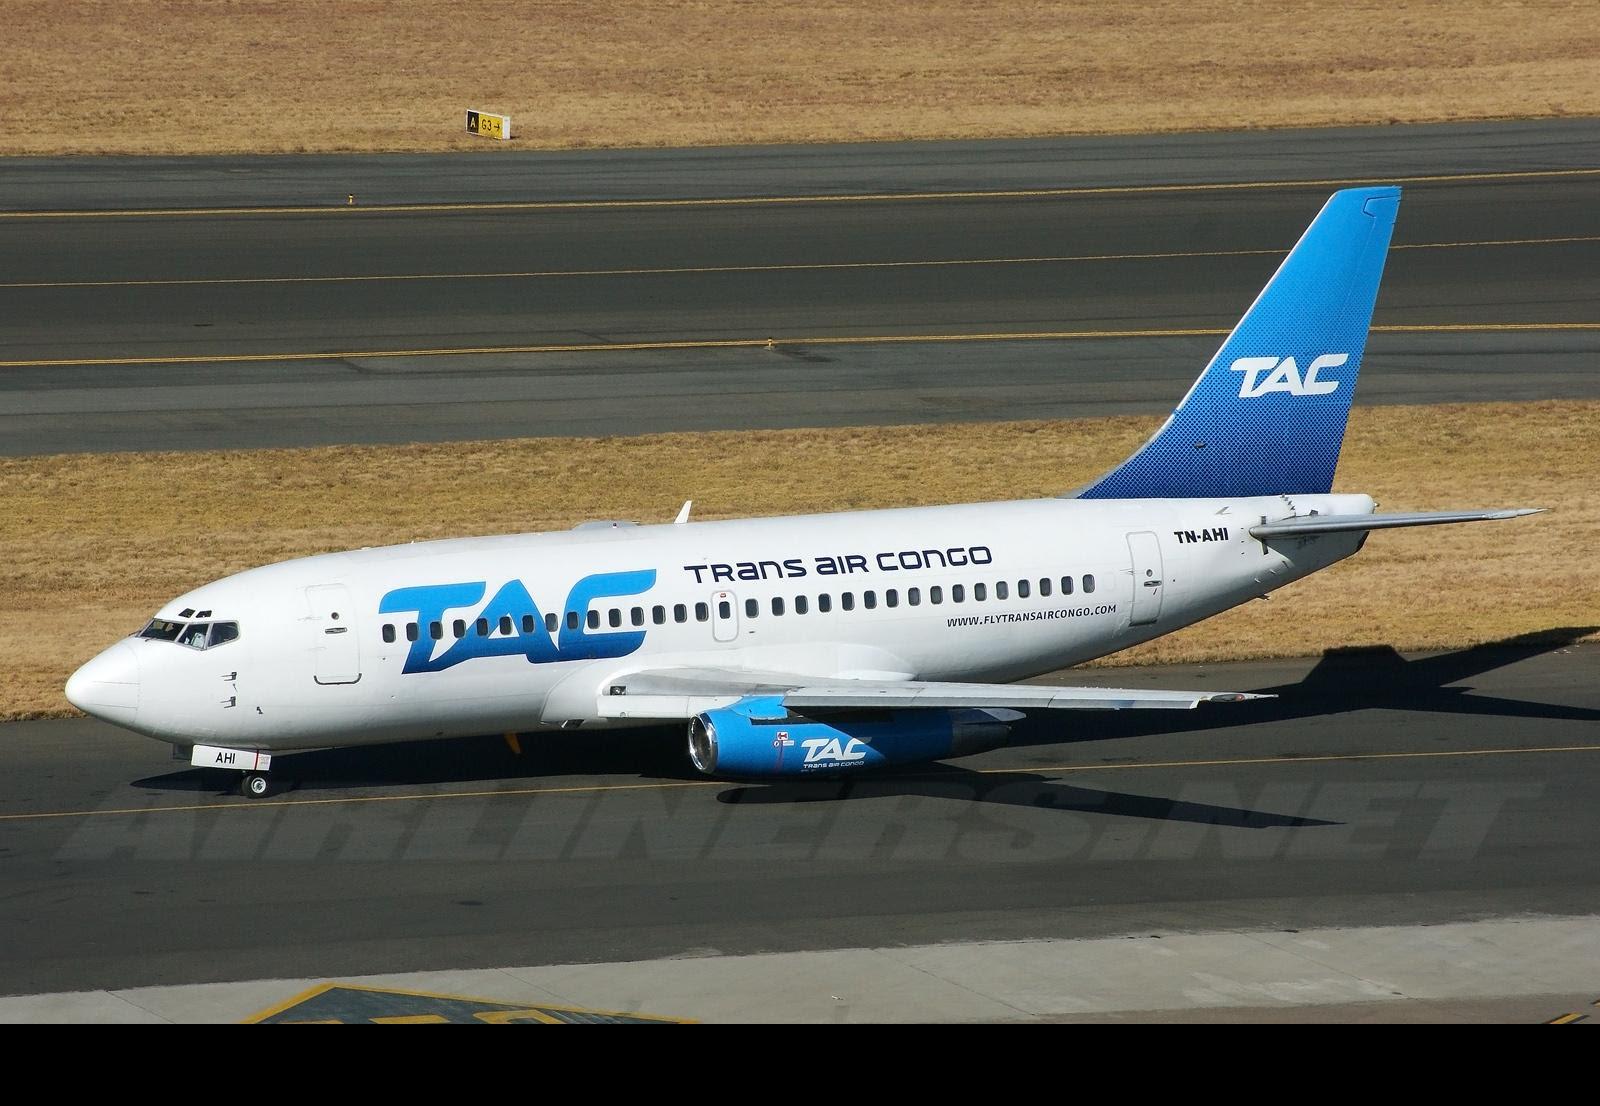 Trans Air Congo 737 Johannesburg